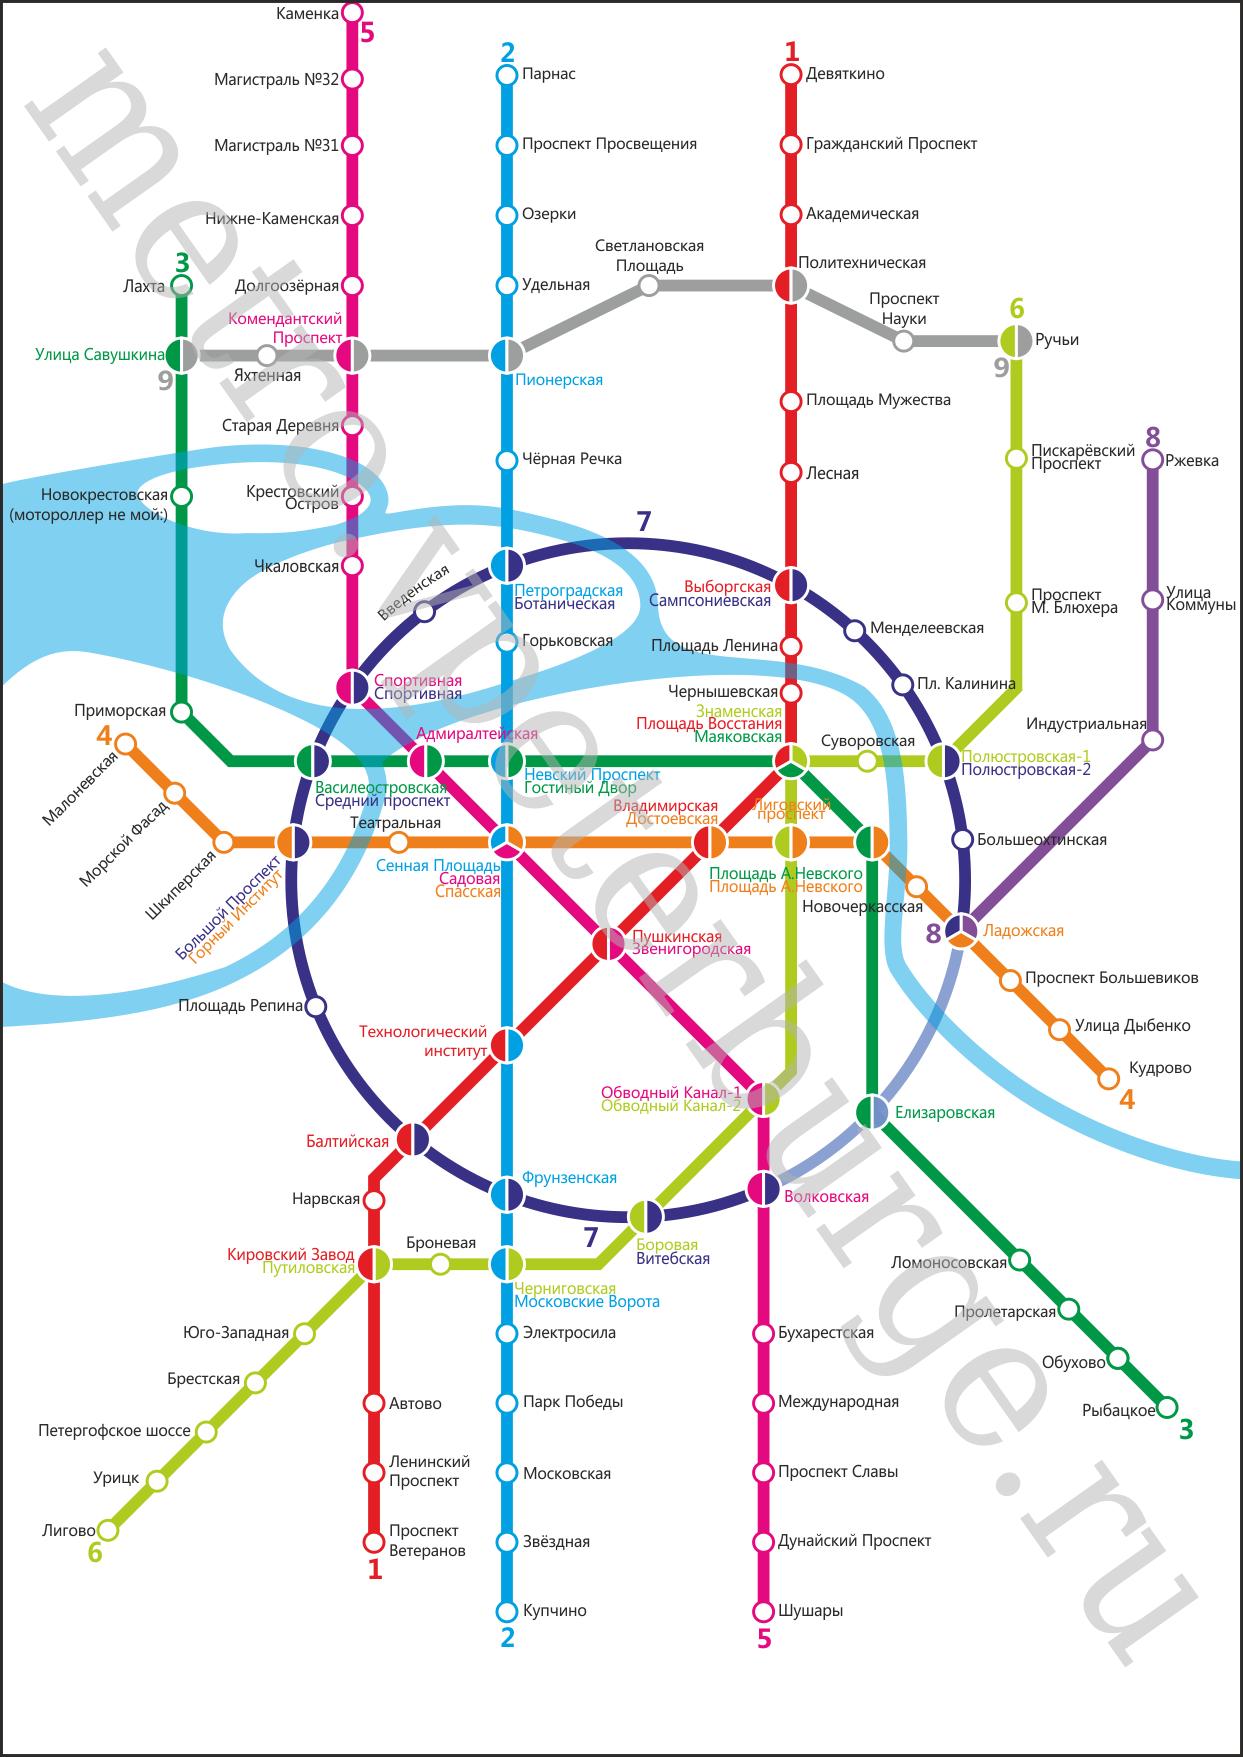 Проектируемая схема метро санкт петербурга фото 125